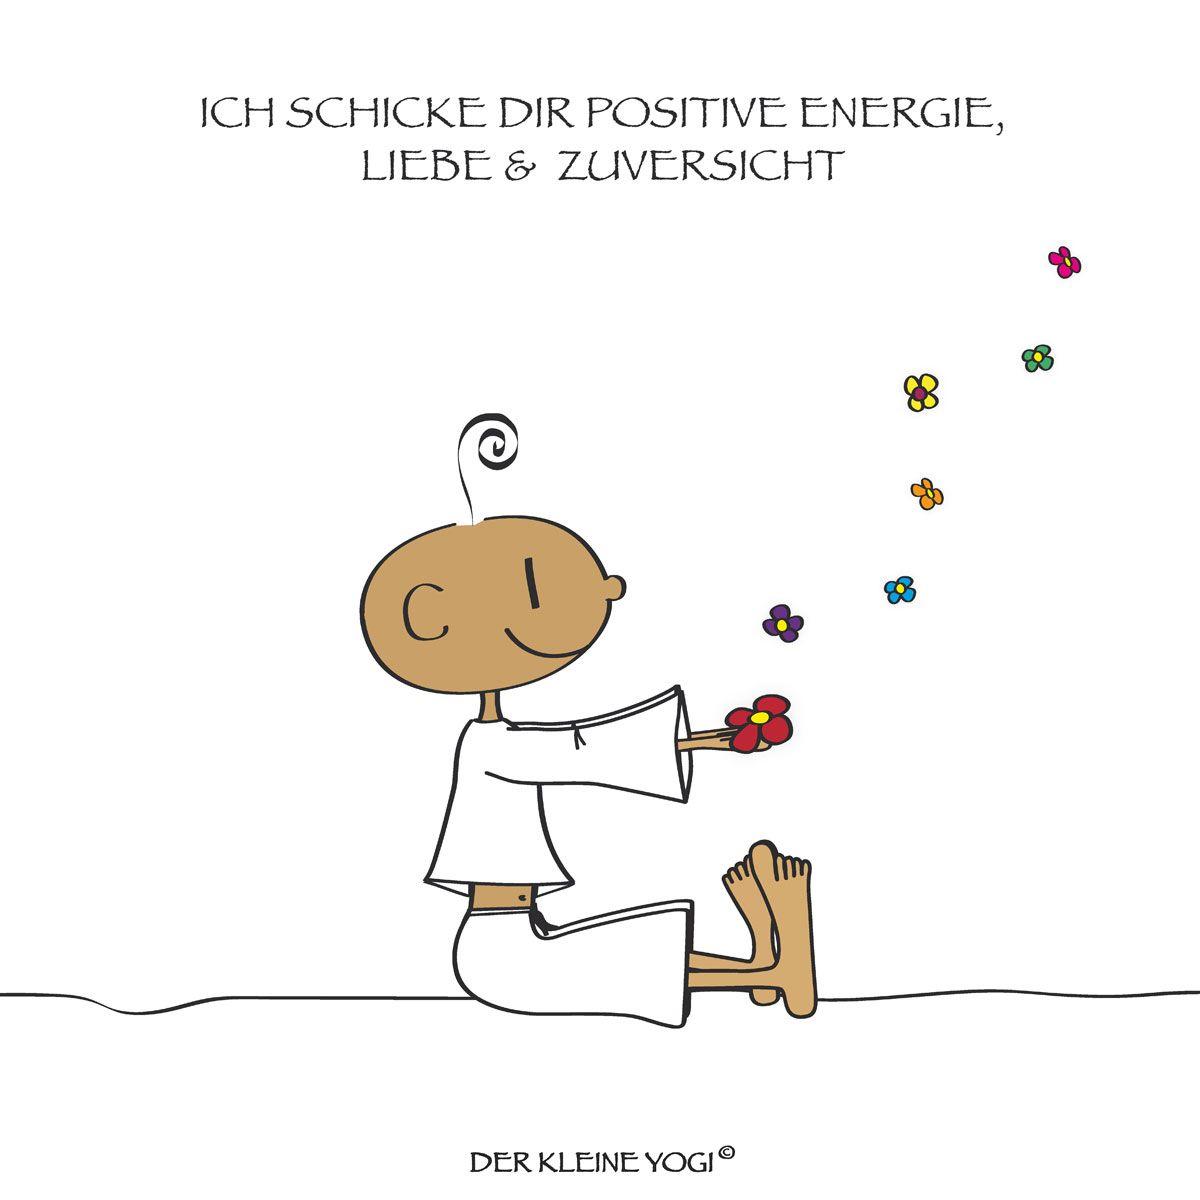 Ich schicke dir... | Der kleine Yogi | Meaningful pictures ...